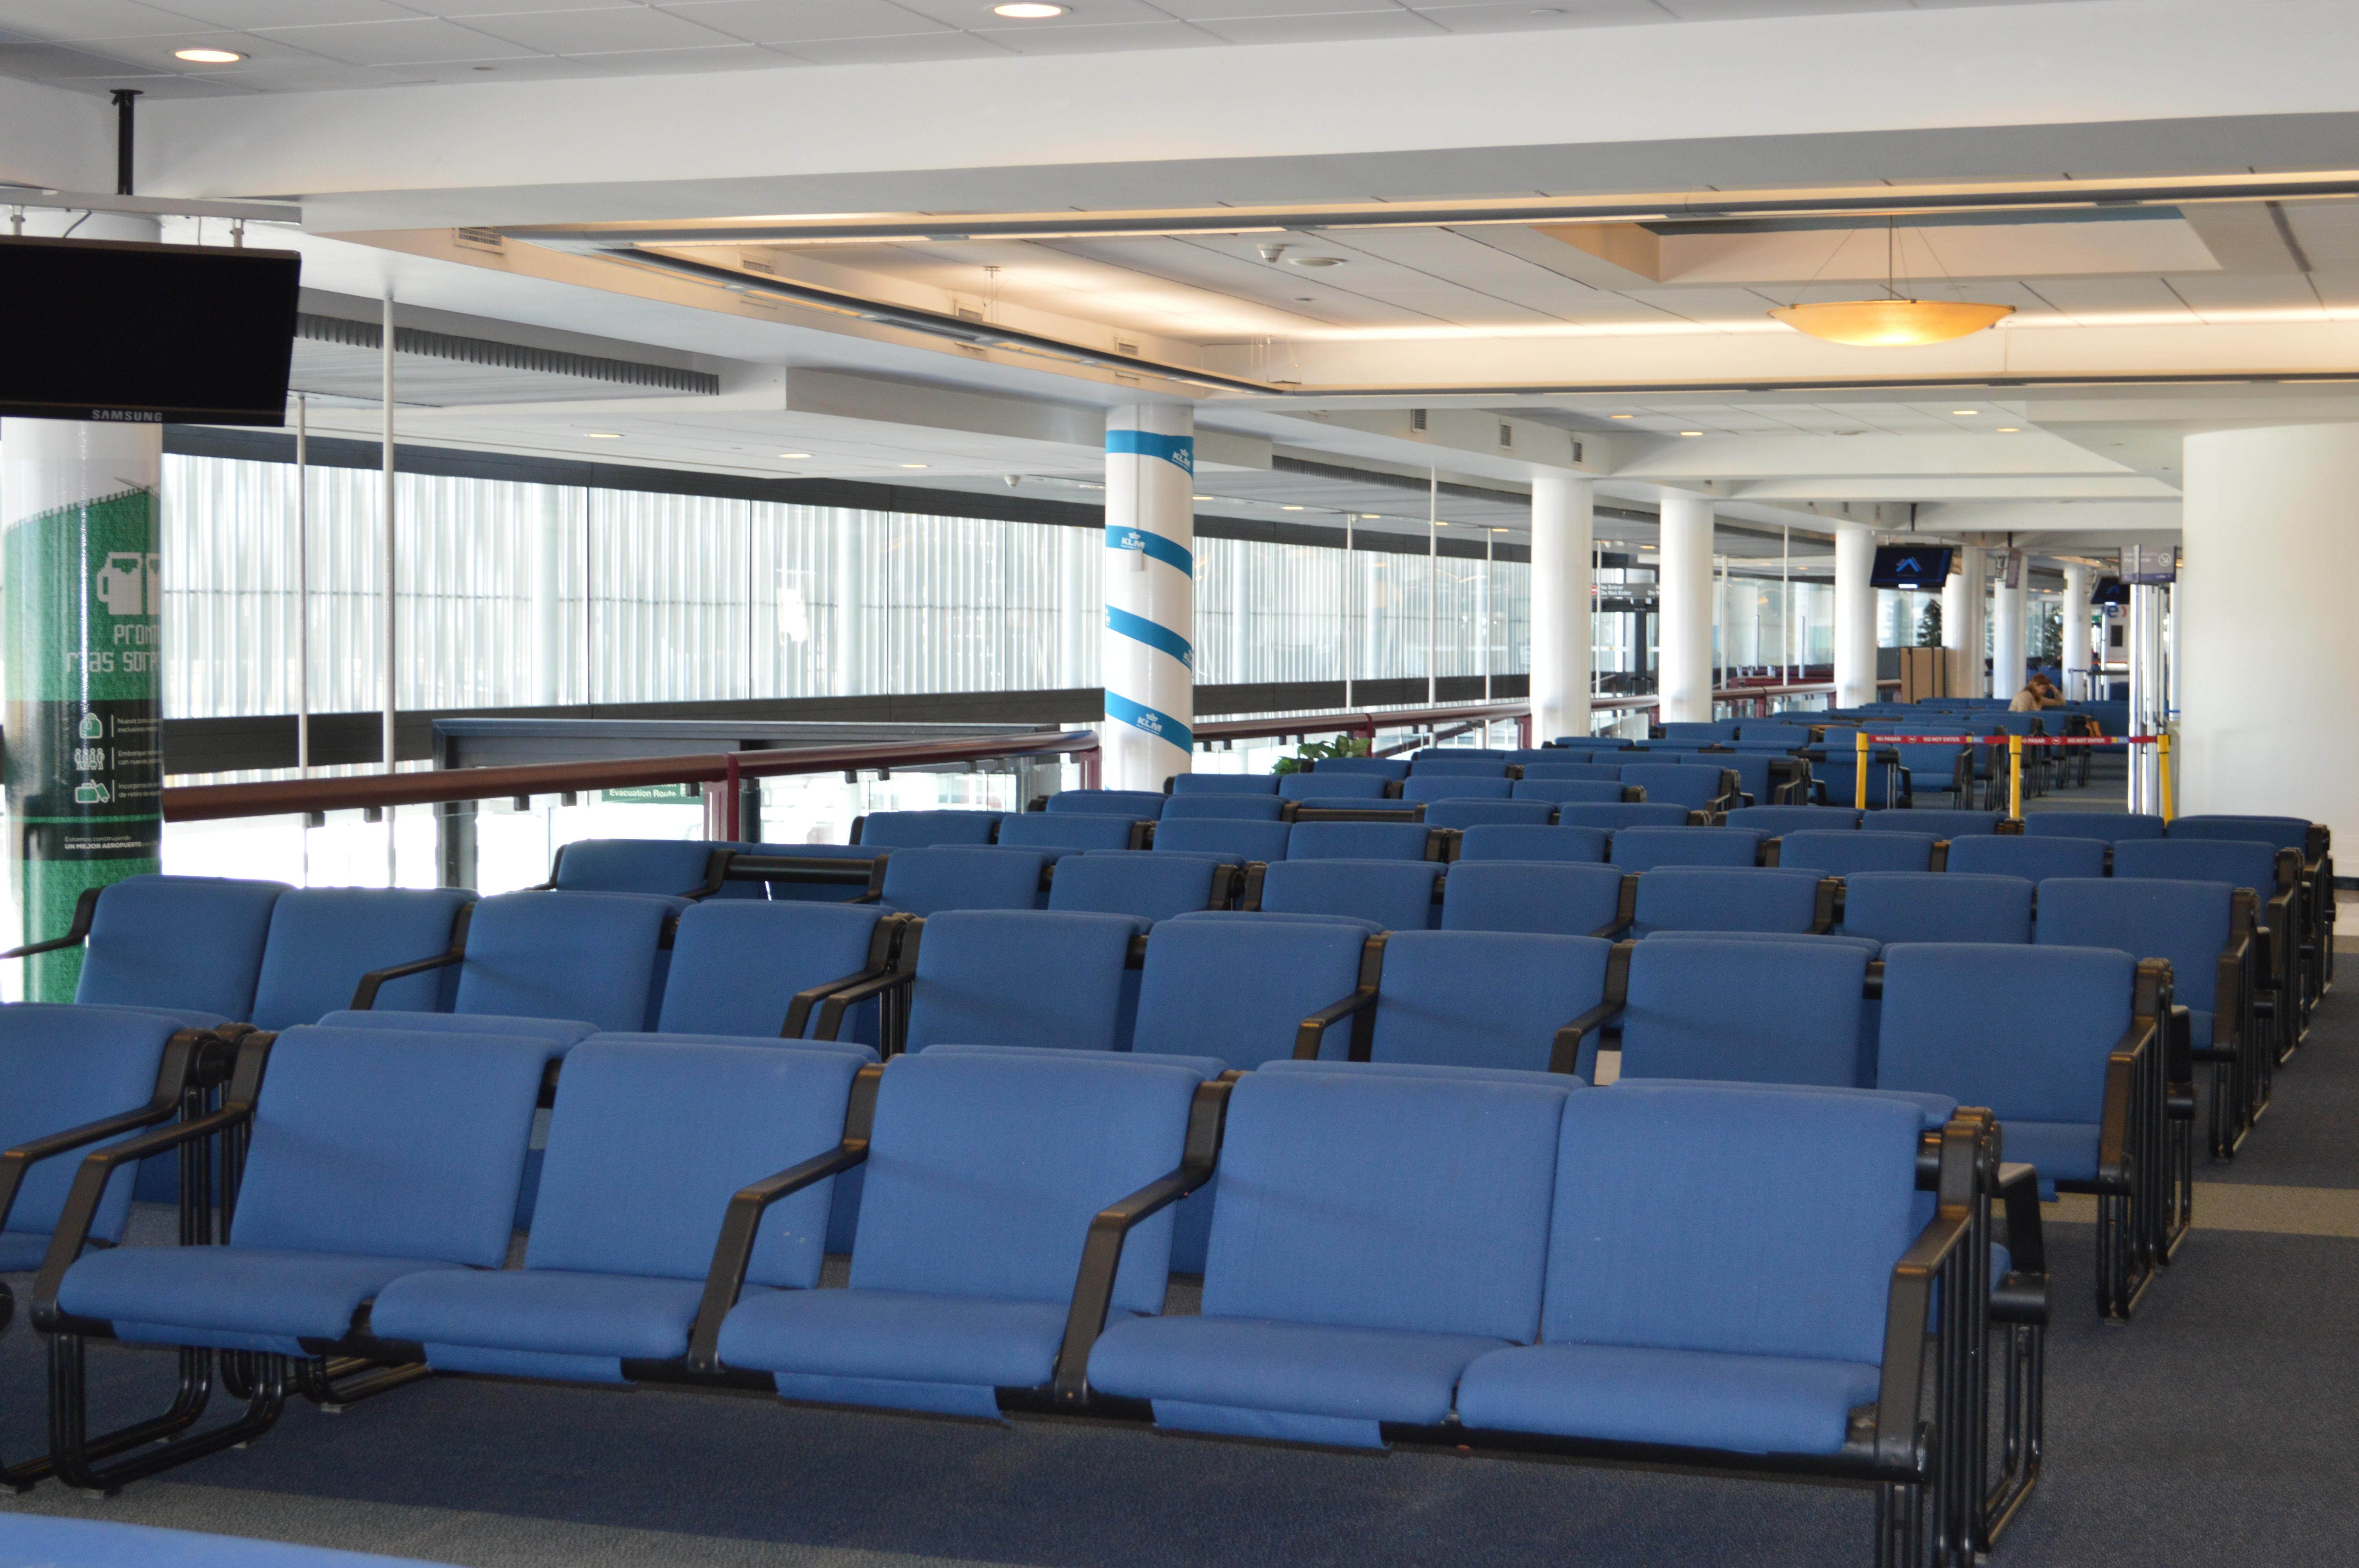 Cierre parcial del aeropuerto de Barranquilla por falla: Aerocivil